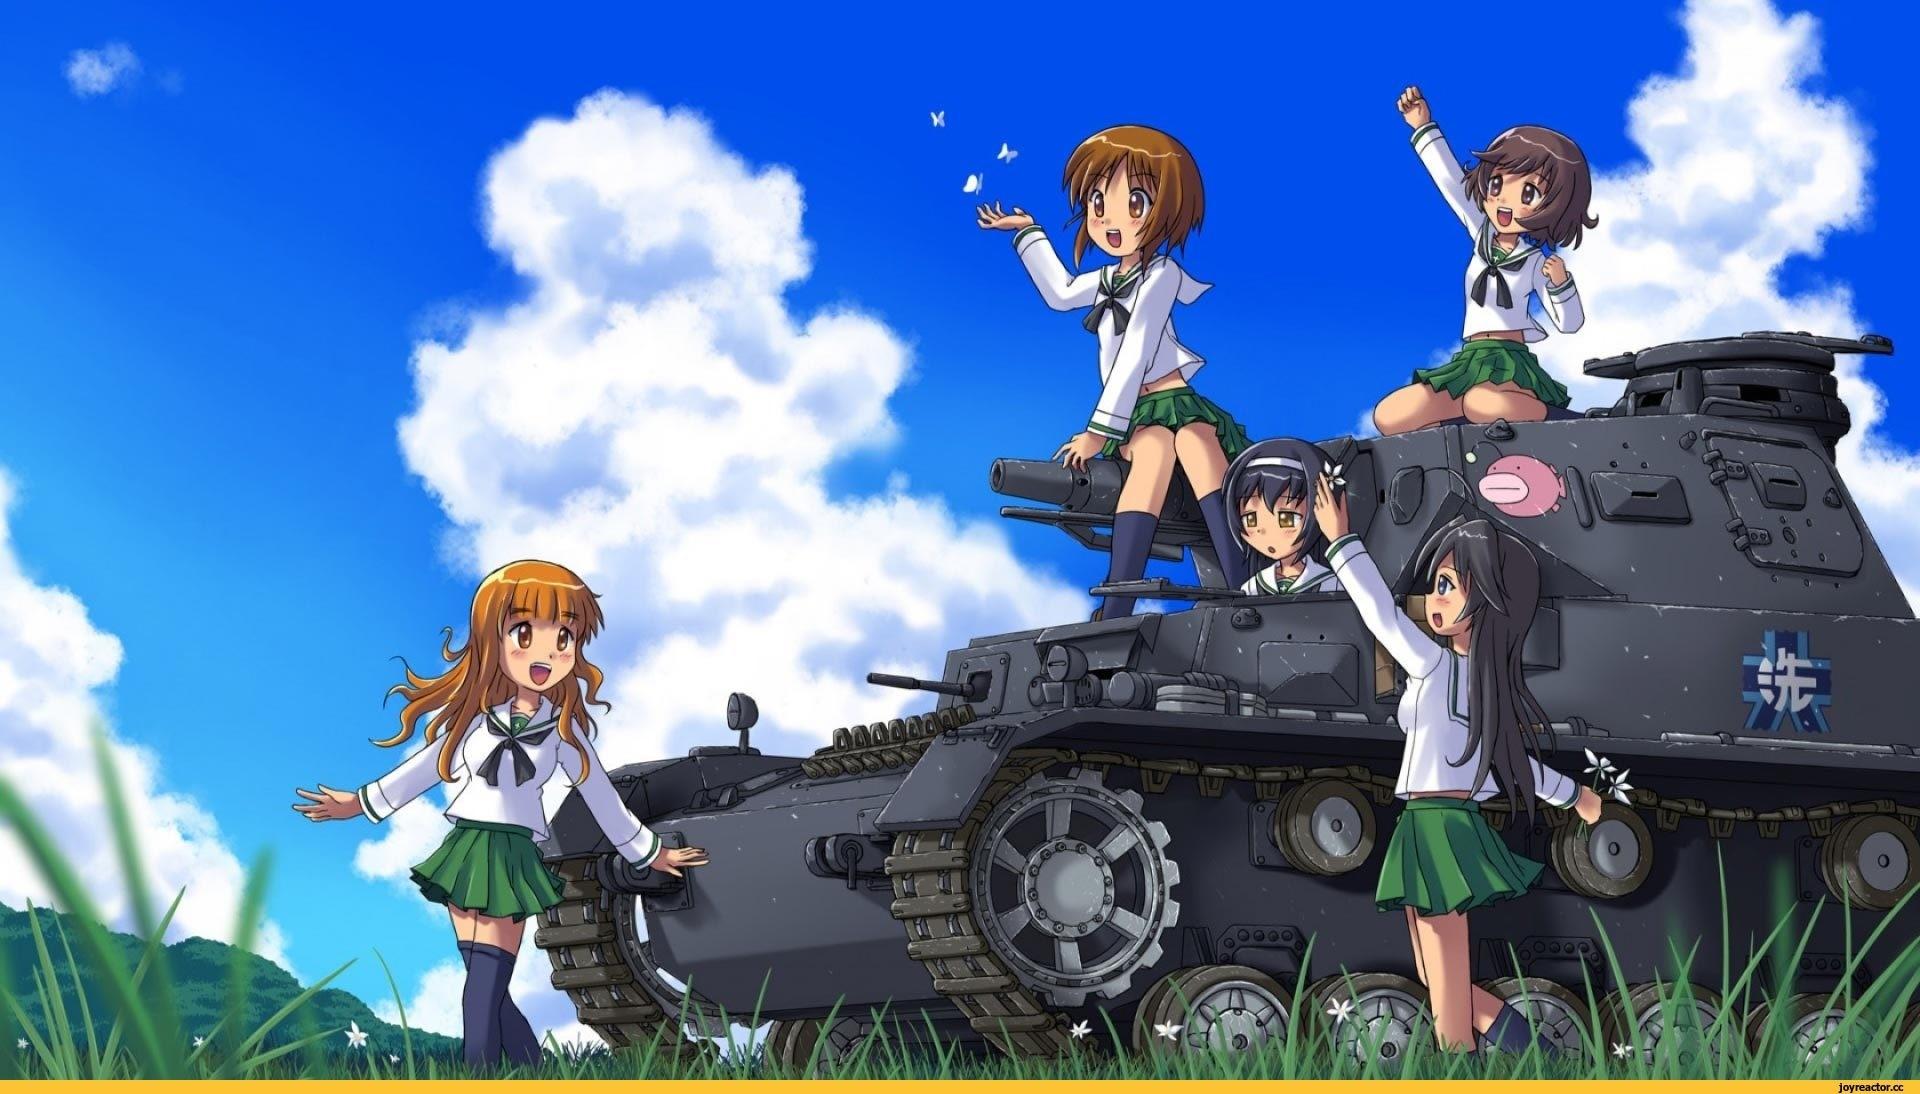 Girls Und Panzer full wallpaper